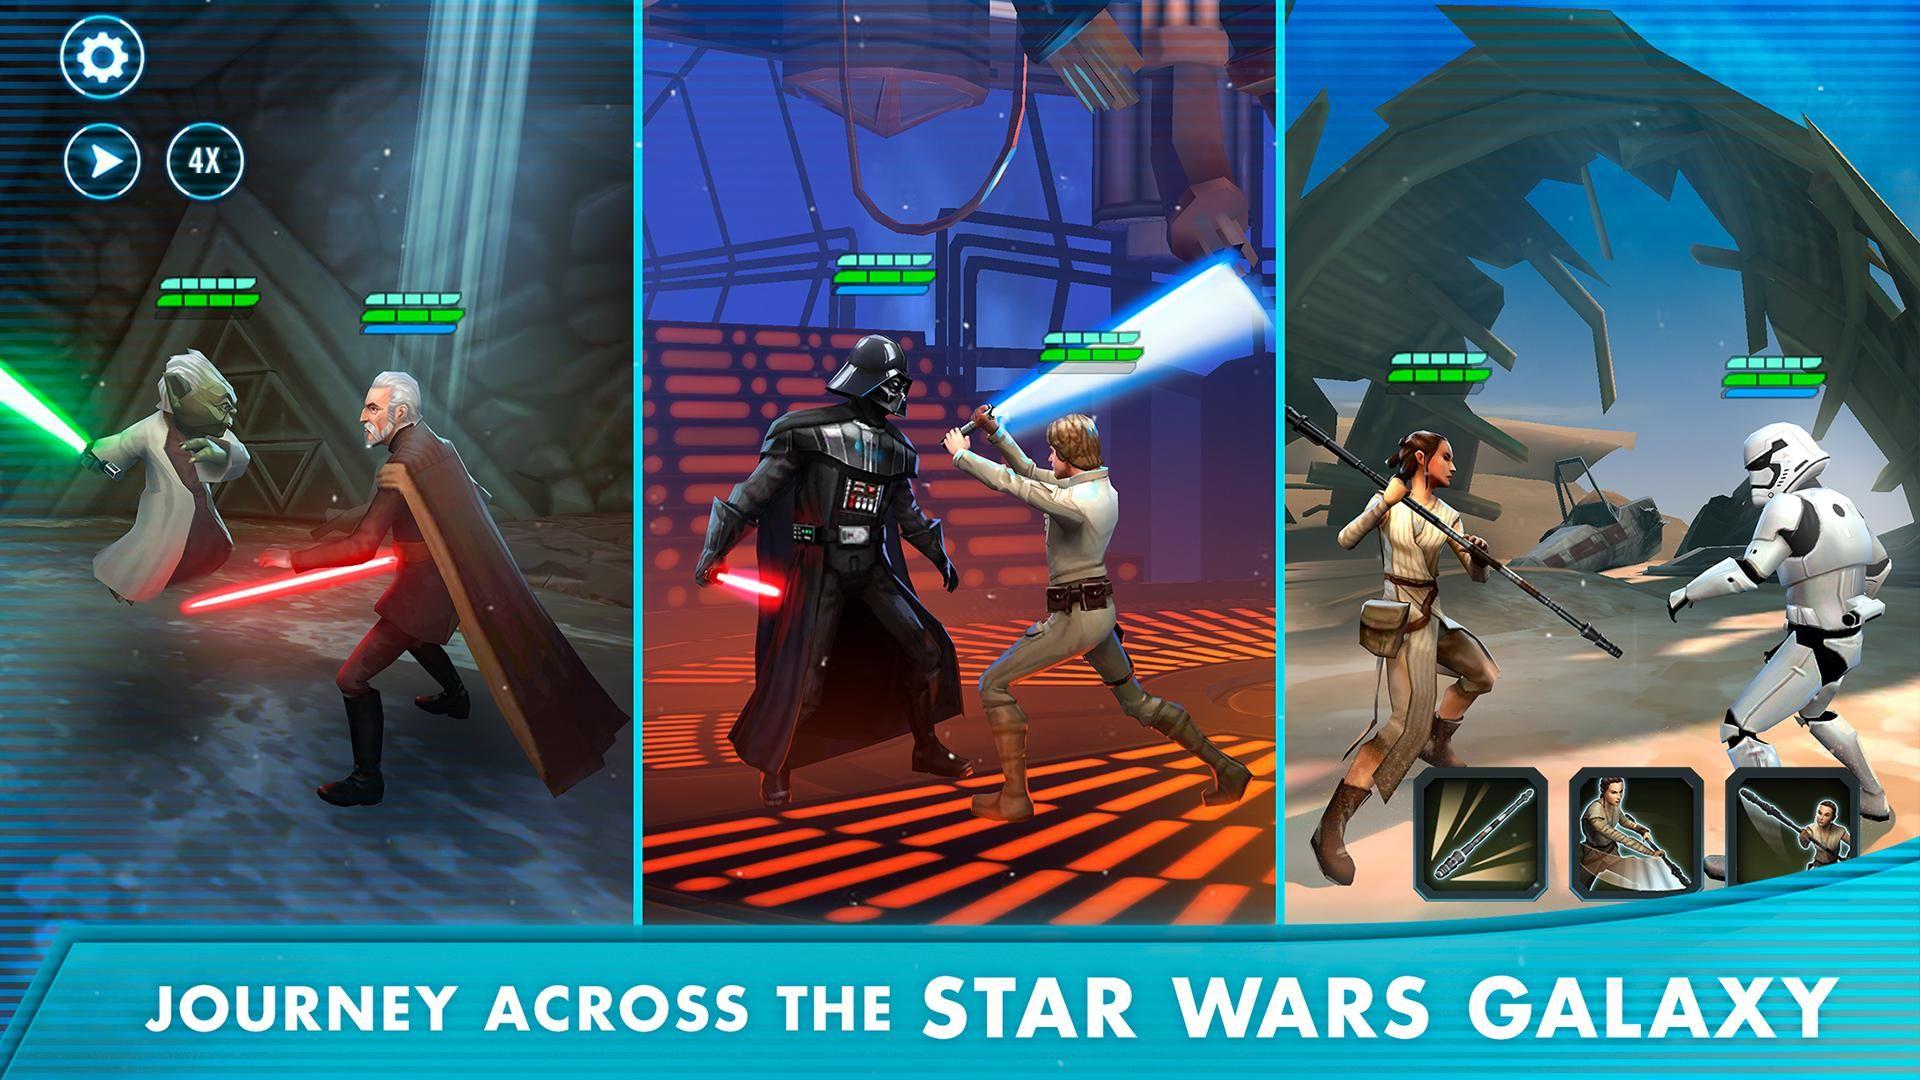 星球大战:银河英雄传 游戏截图2